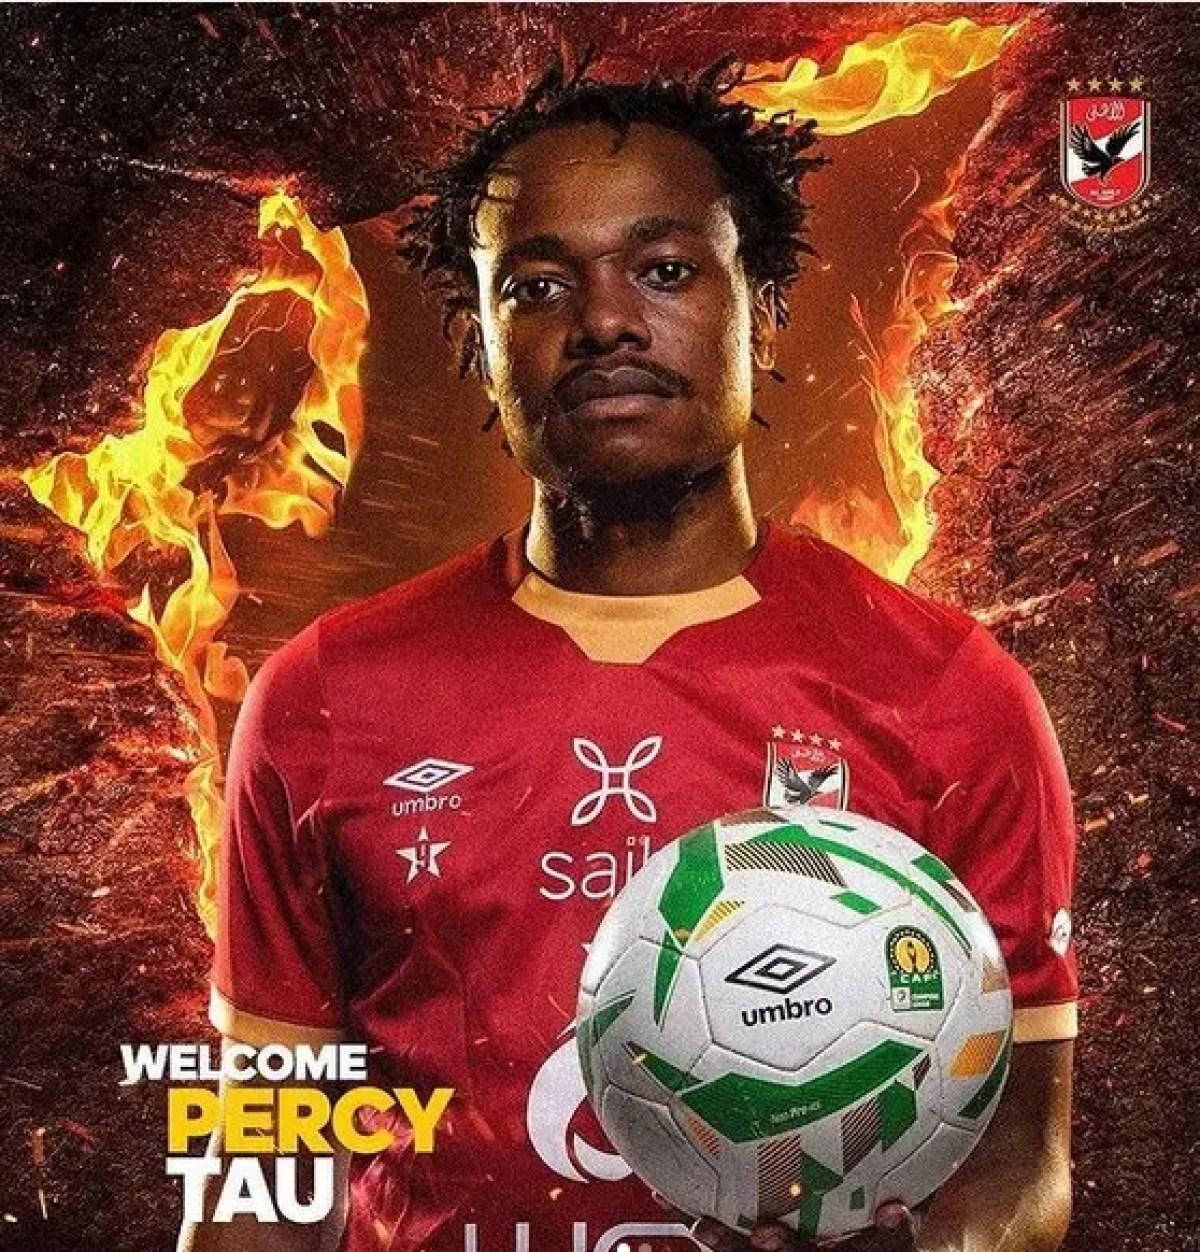 Percy Tau